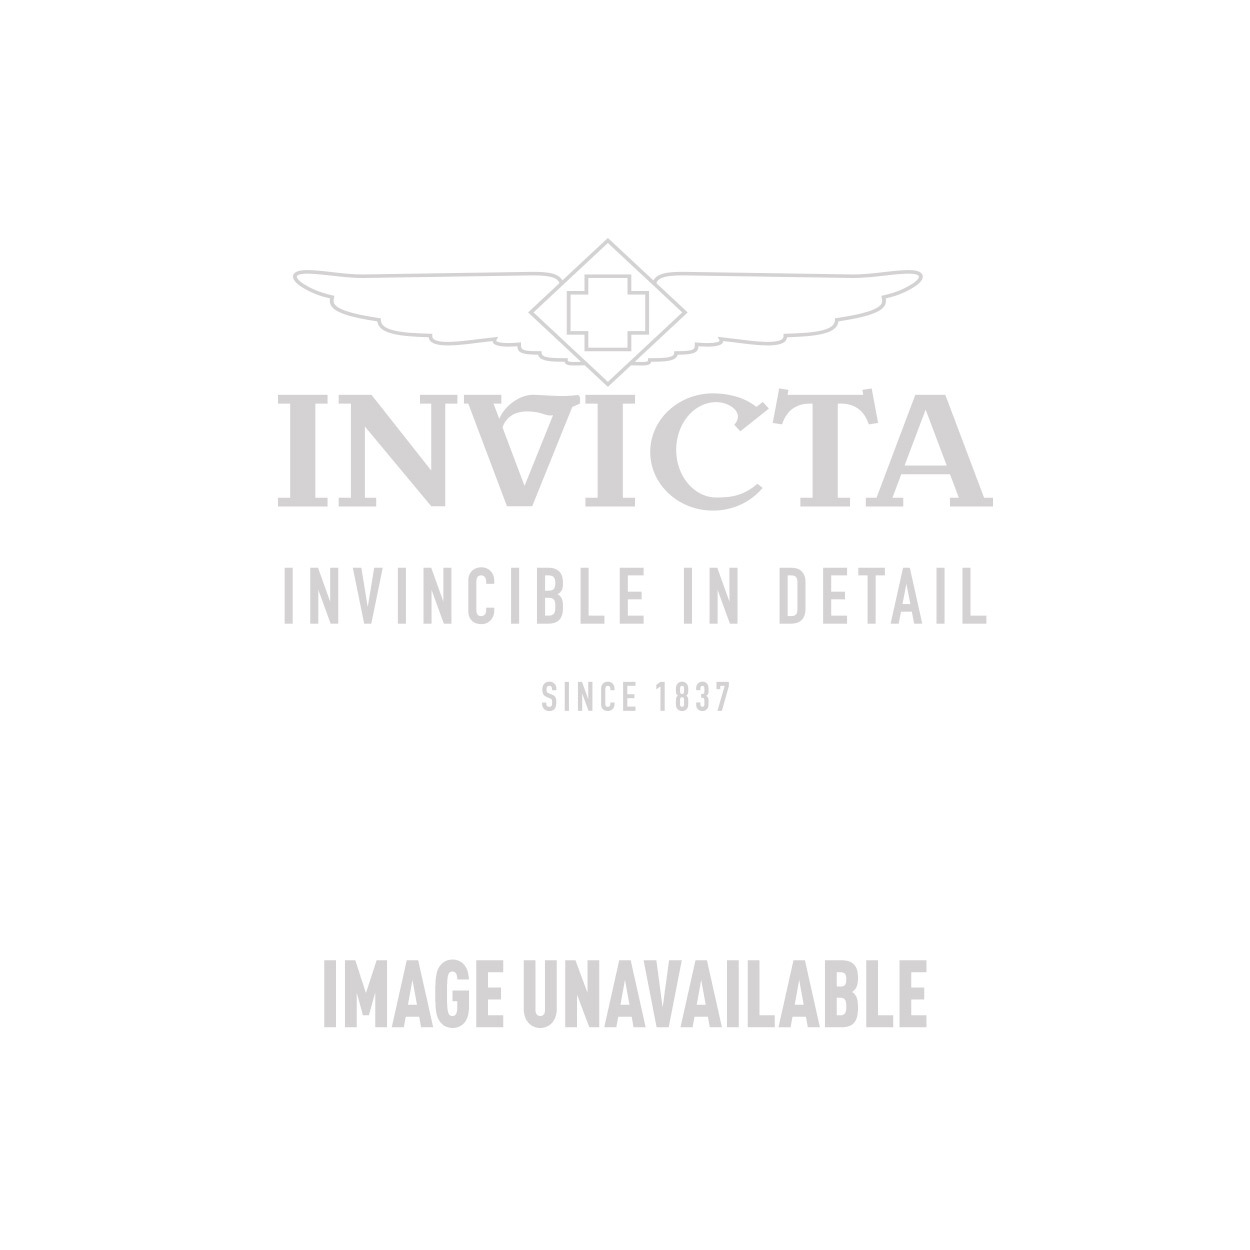 Invicta Model 25005